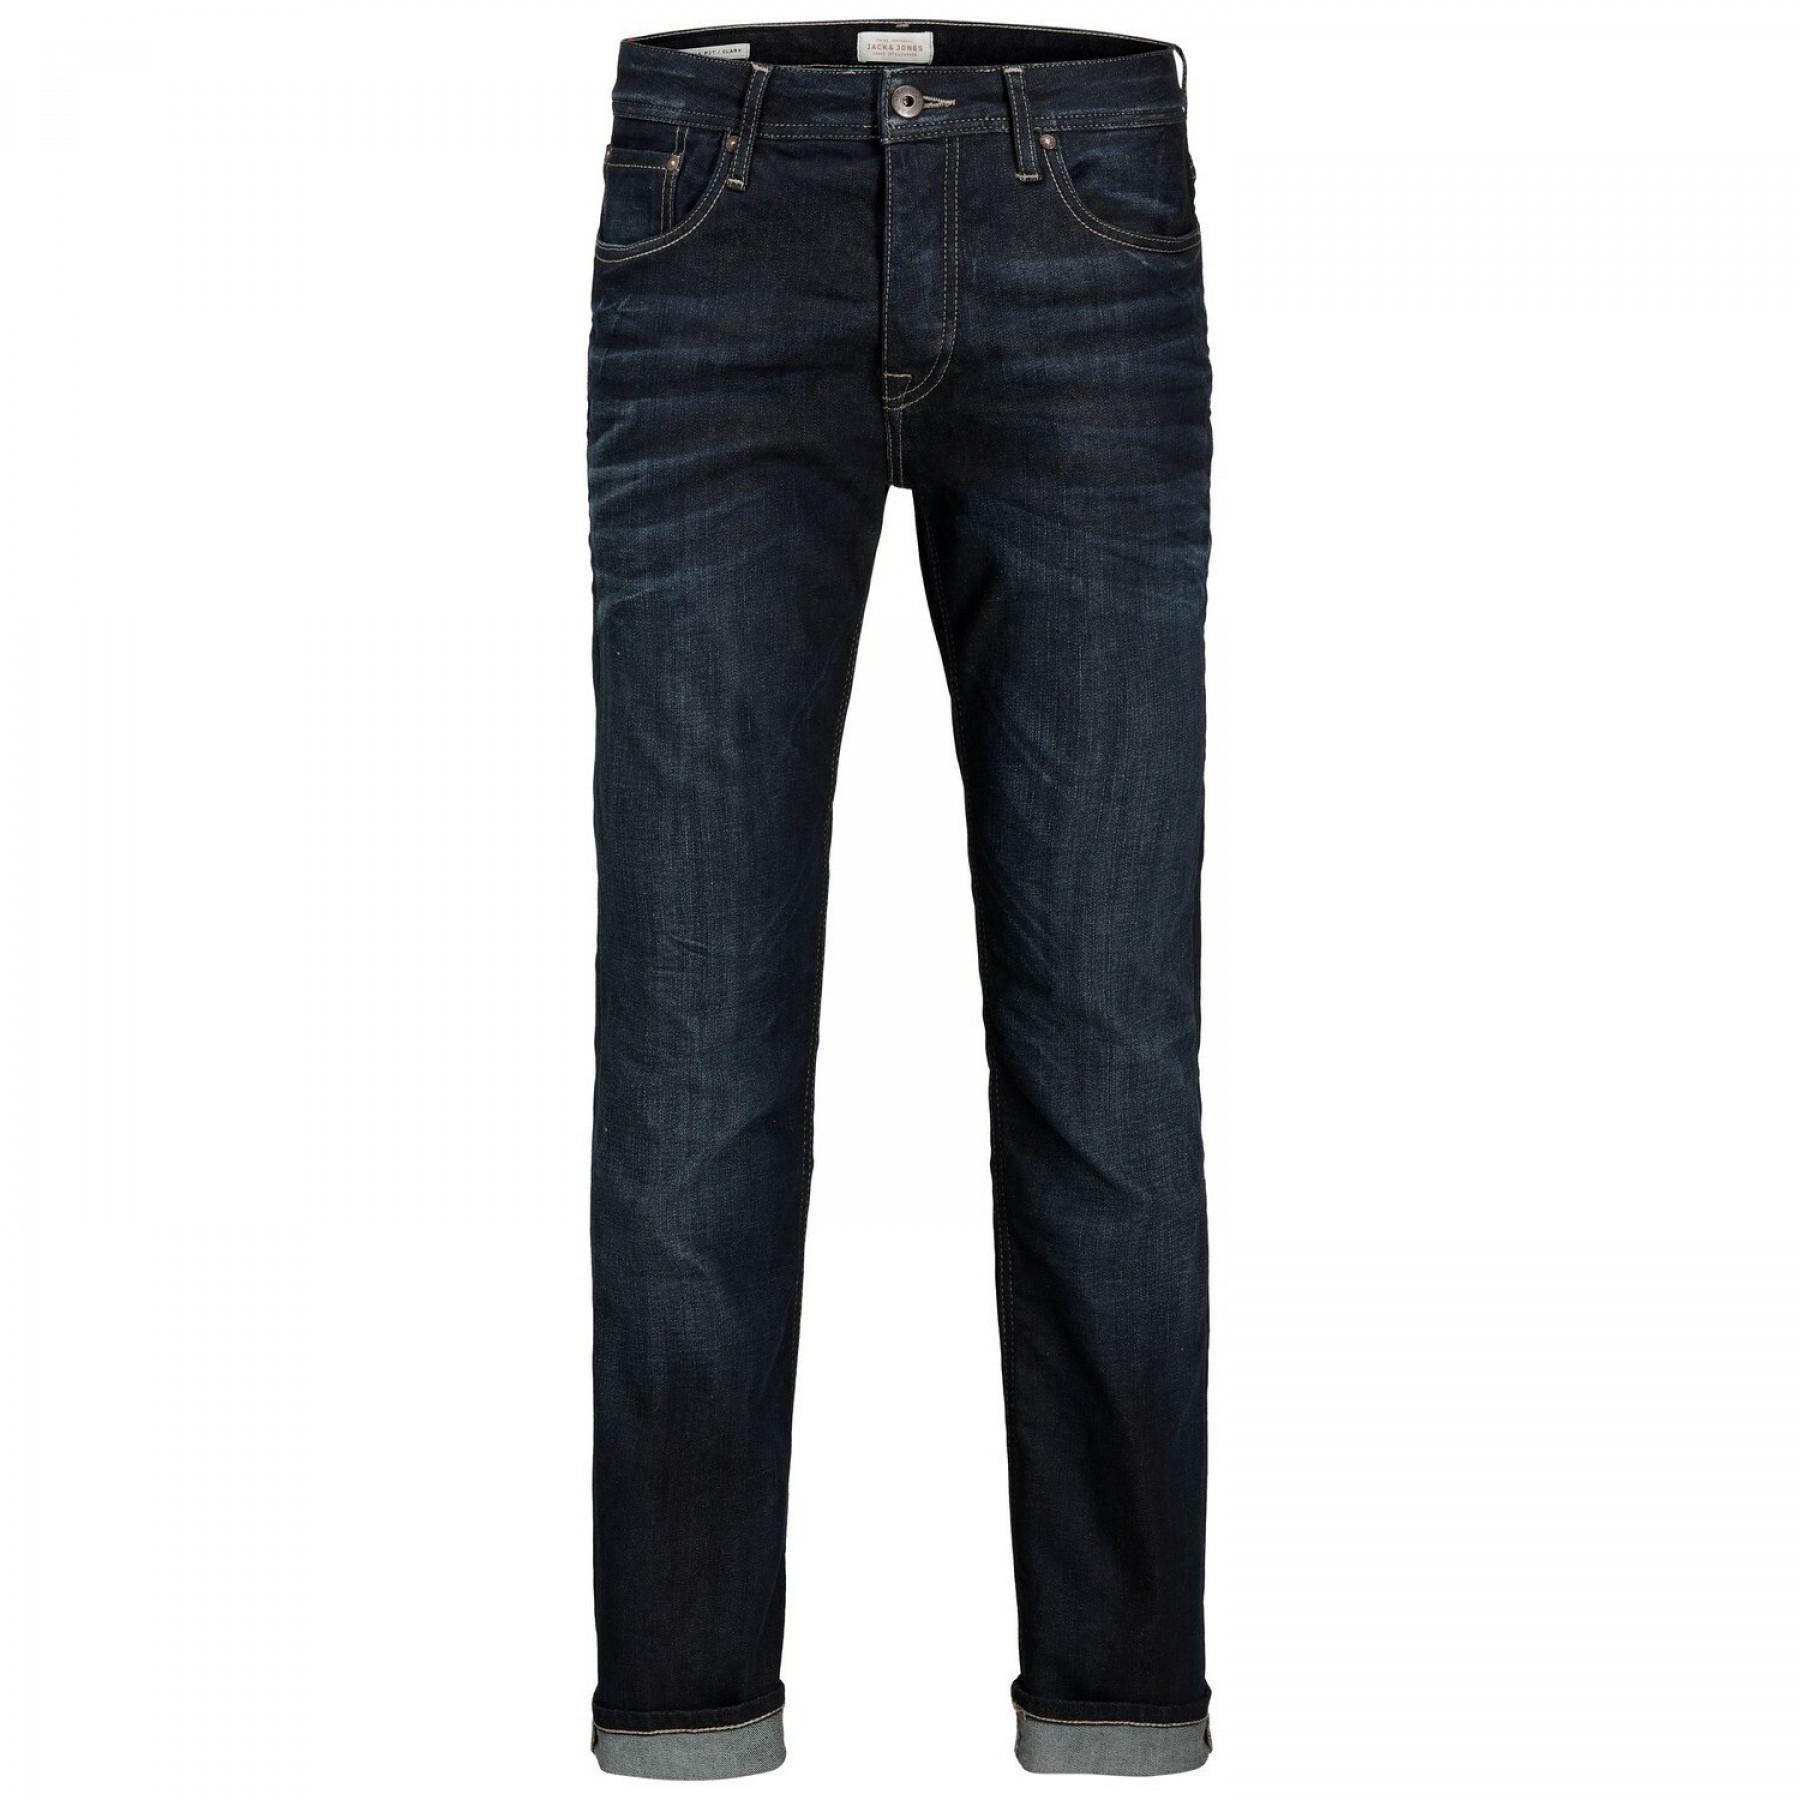 Jack & Jones Clark Pants Original 318